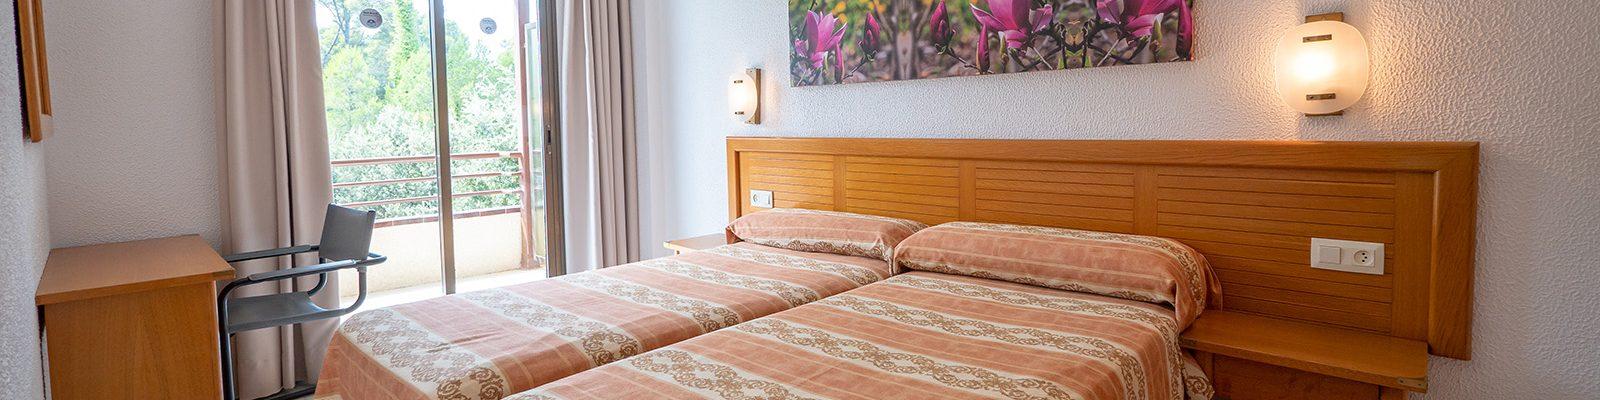 Apartamento C Dormitorio